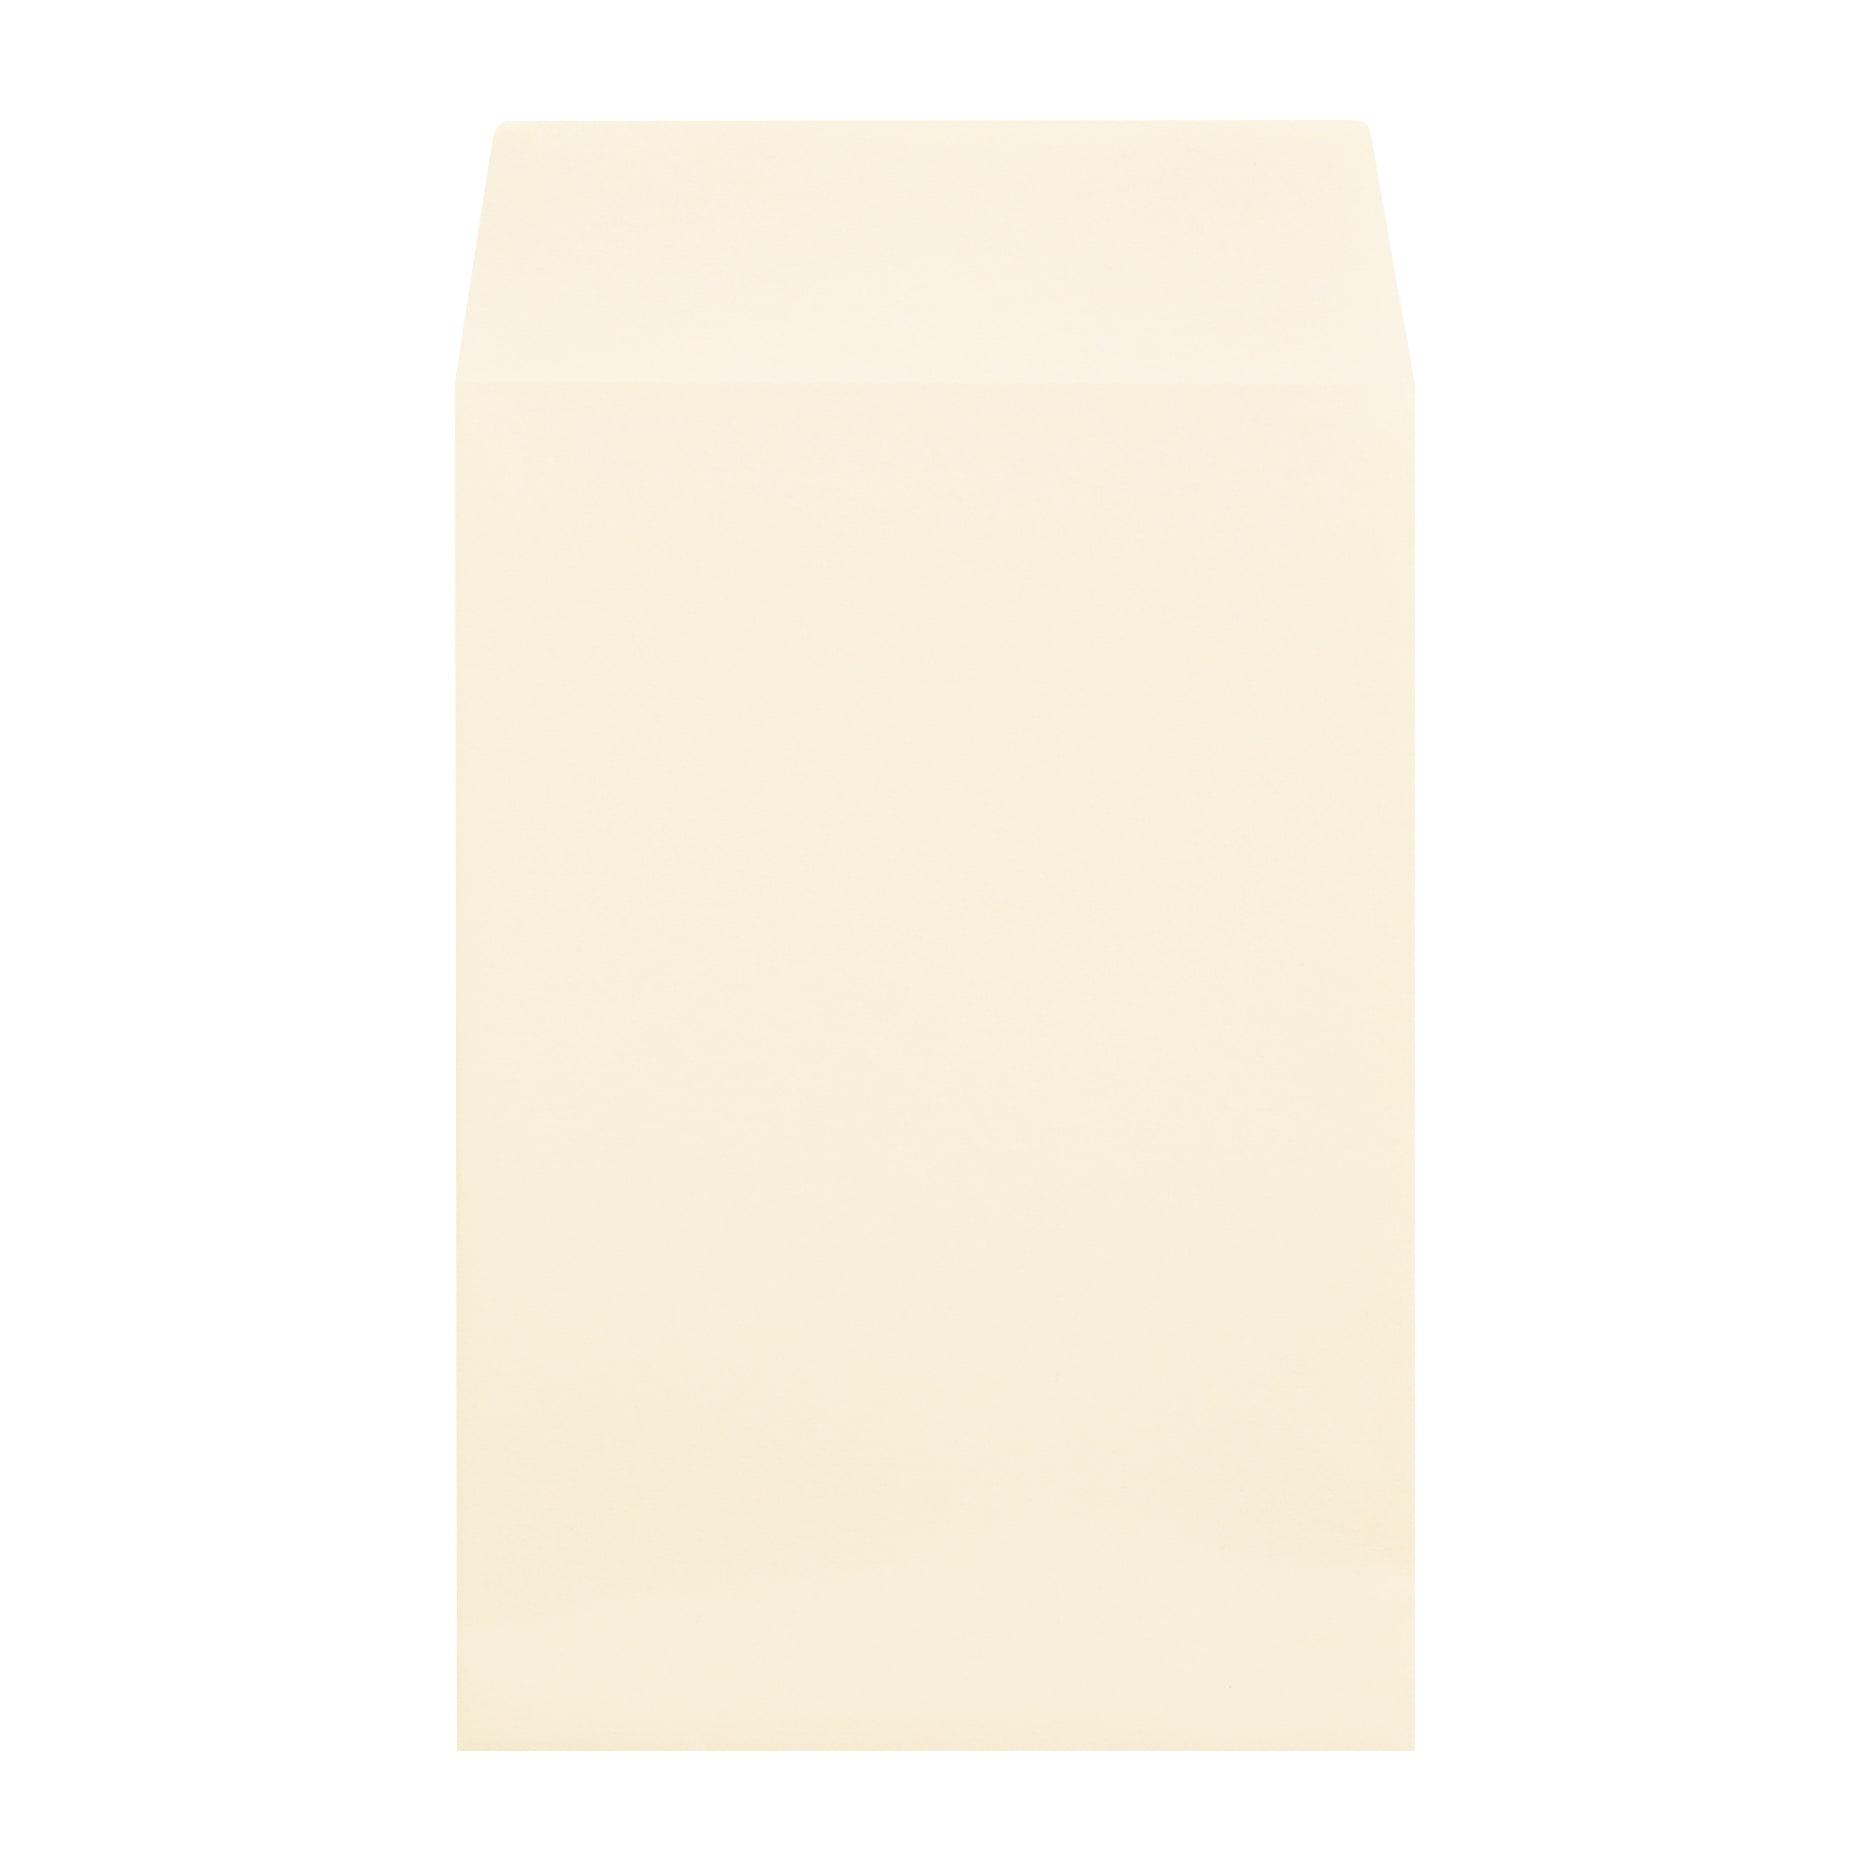 角6封筒 コットン ナチュラル 116.3g